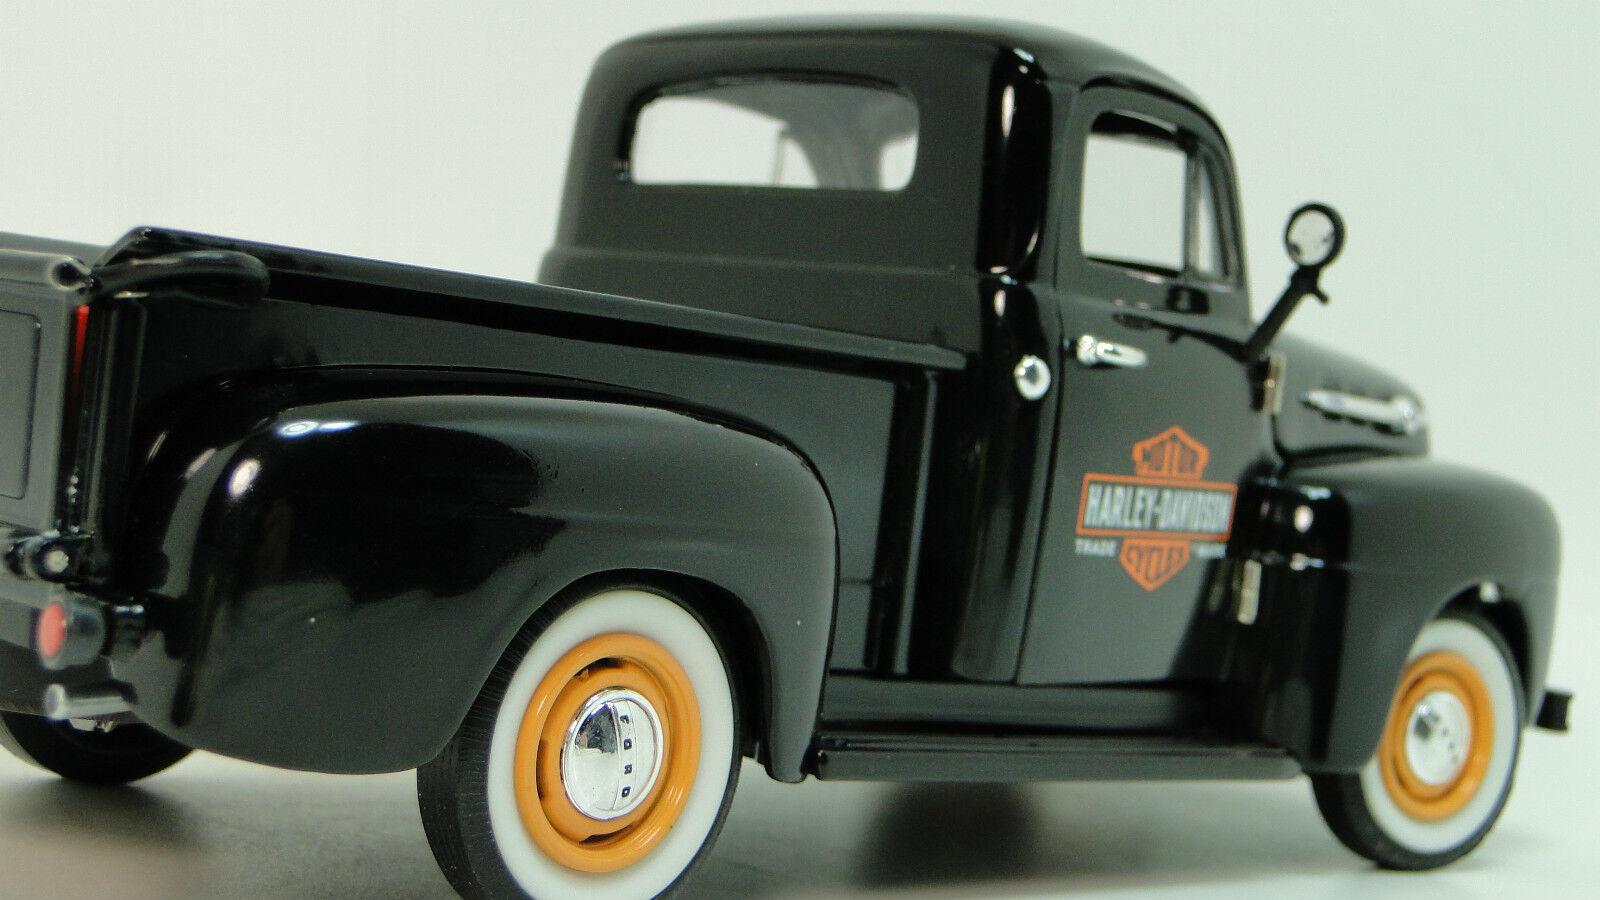 1 Ford Pickup F 1950 Sport camión Vintage Antiguo Clásico carrusel Blac coche 18